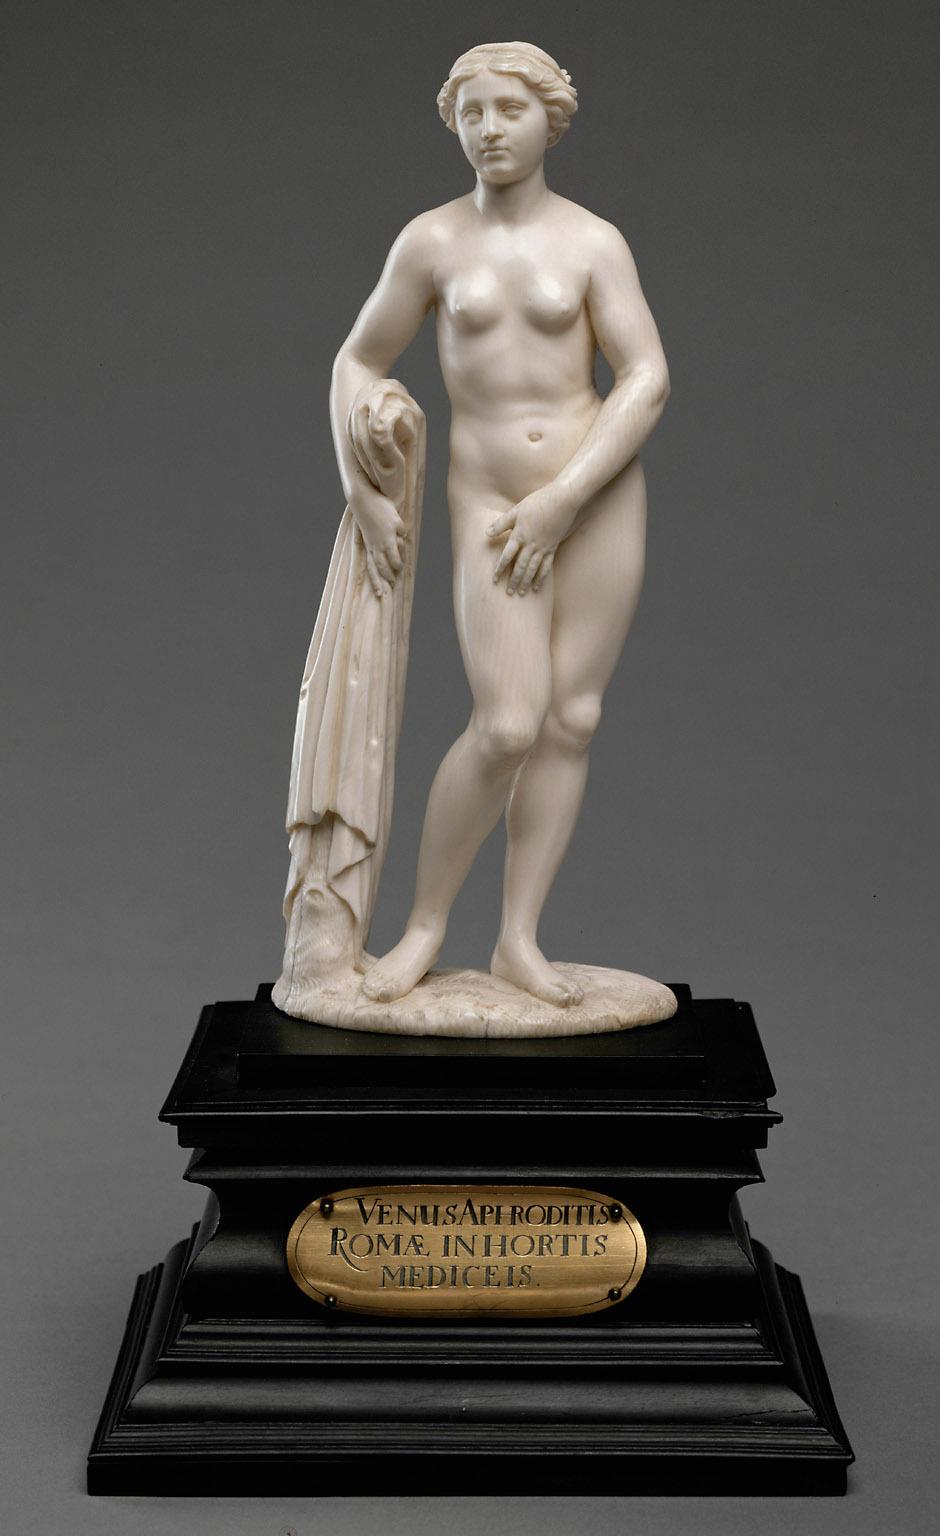 Venus von Georg Pfründt